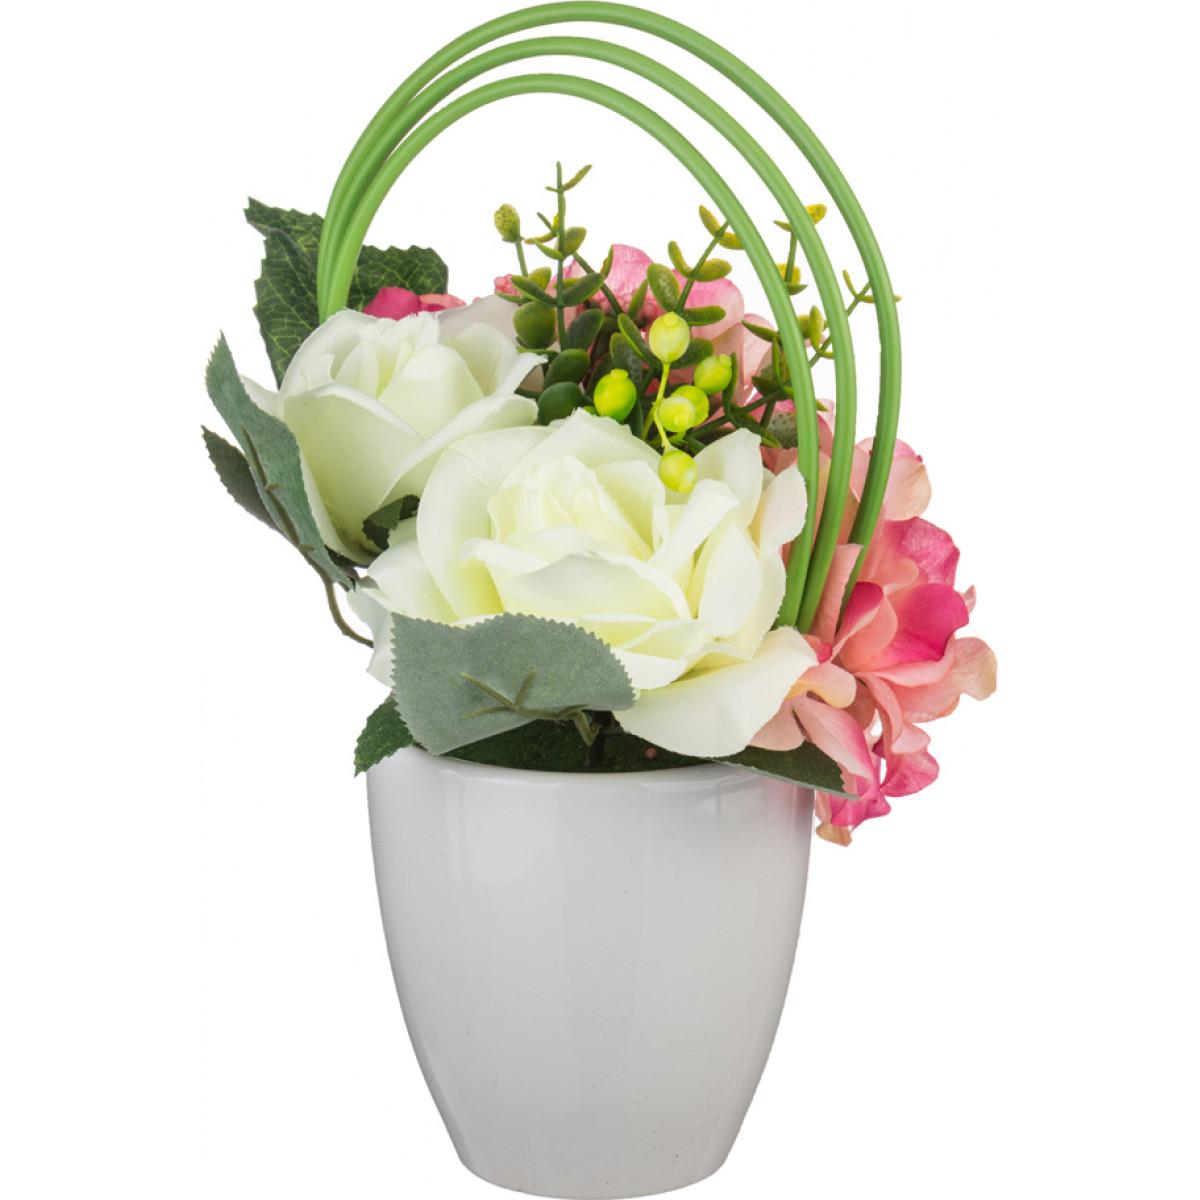 Купить Искусственные растения Arti-M, Букет из искусственных цветов Brook (25 см), Китай, Желтый, Розовый, Полиэстер